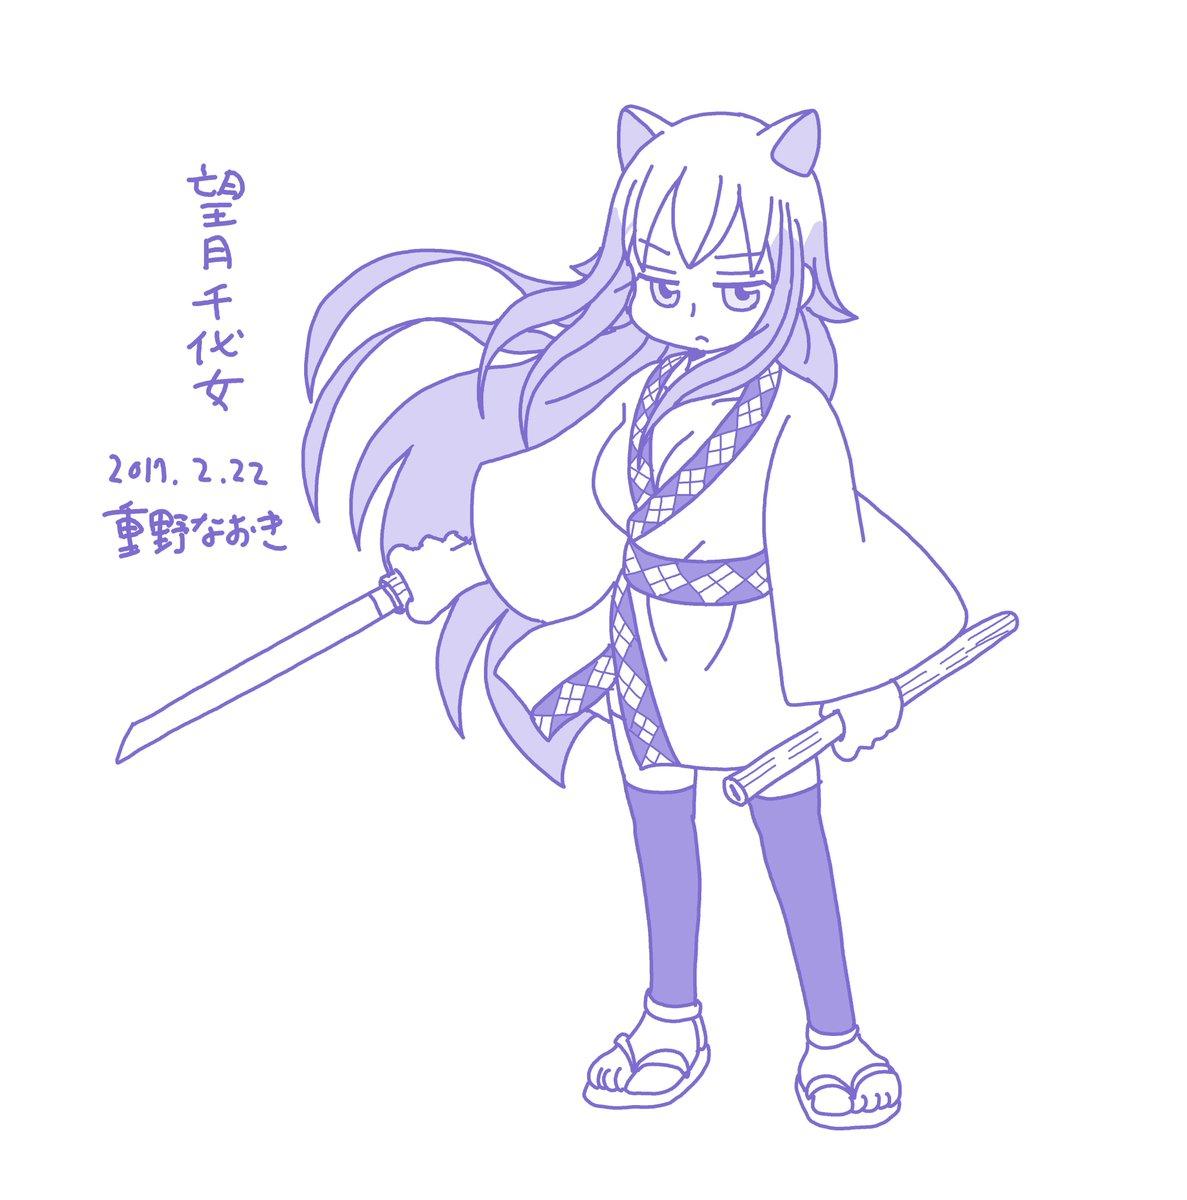 2月22日は忍者の日で猫の日なので猫耳千代女を描いてみましたが猫というよりキツネっぽい。 #信長の忍び